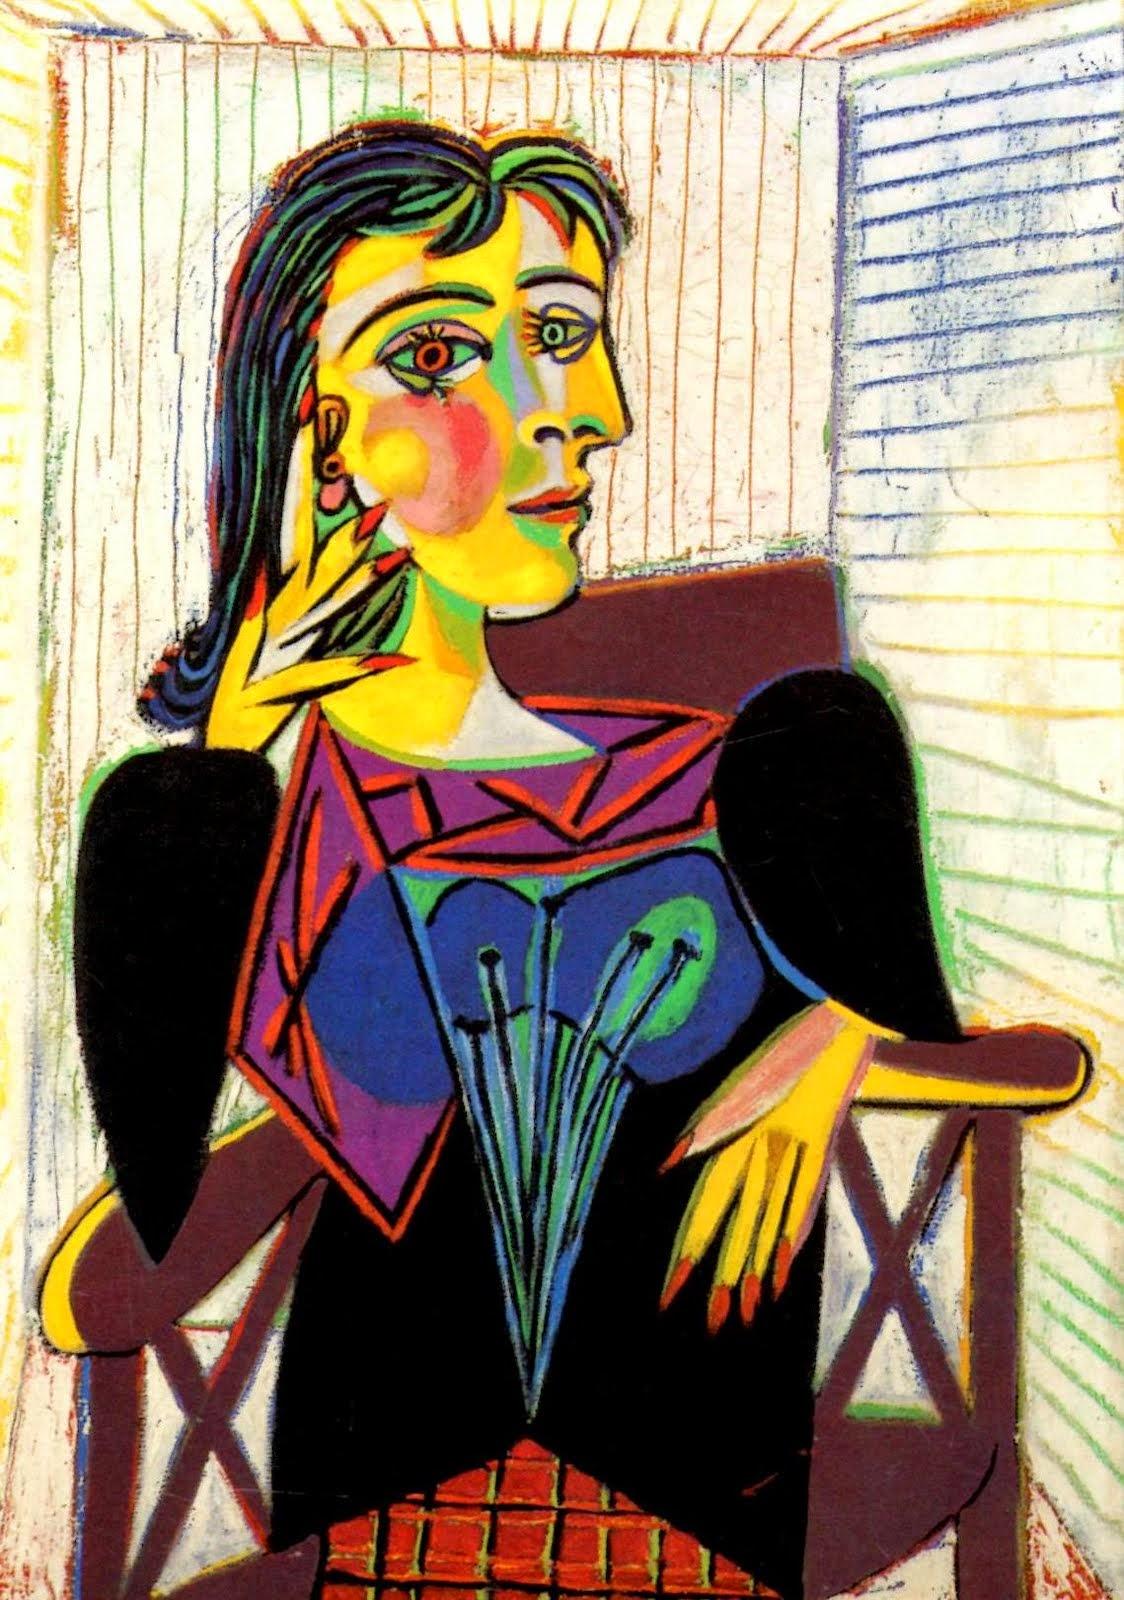 Retrato de Dora Maar - Picasso e suas pinturas ~ O maior expoente da Arte Moderna